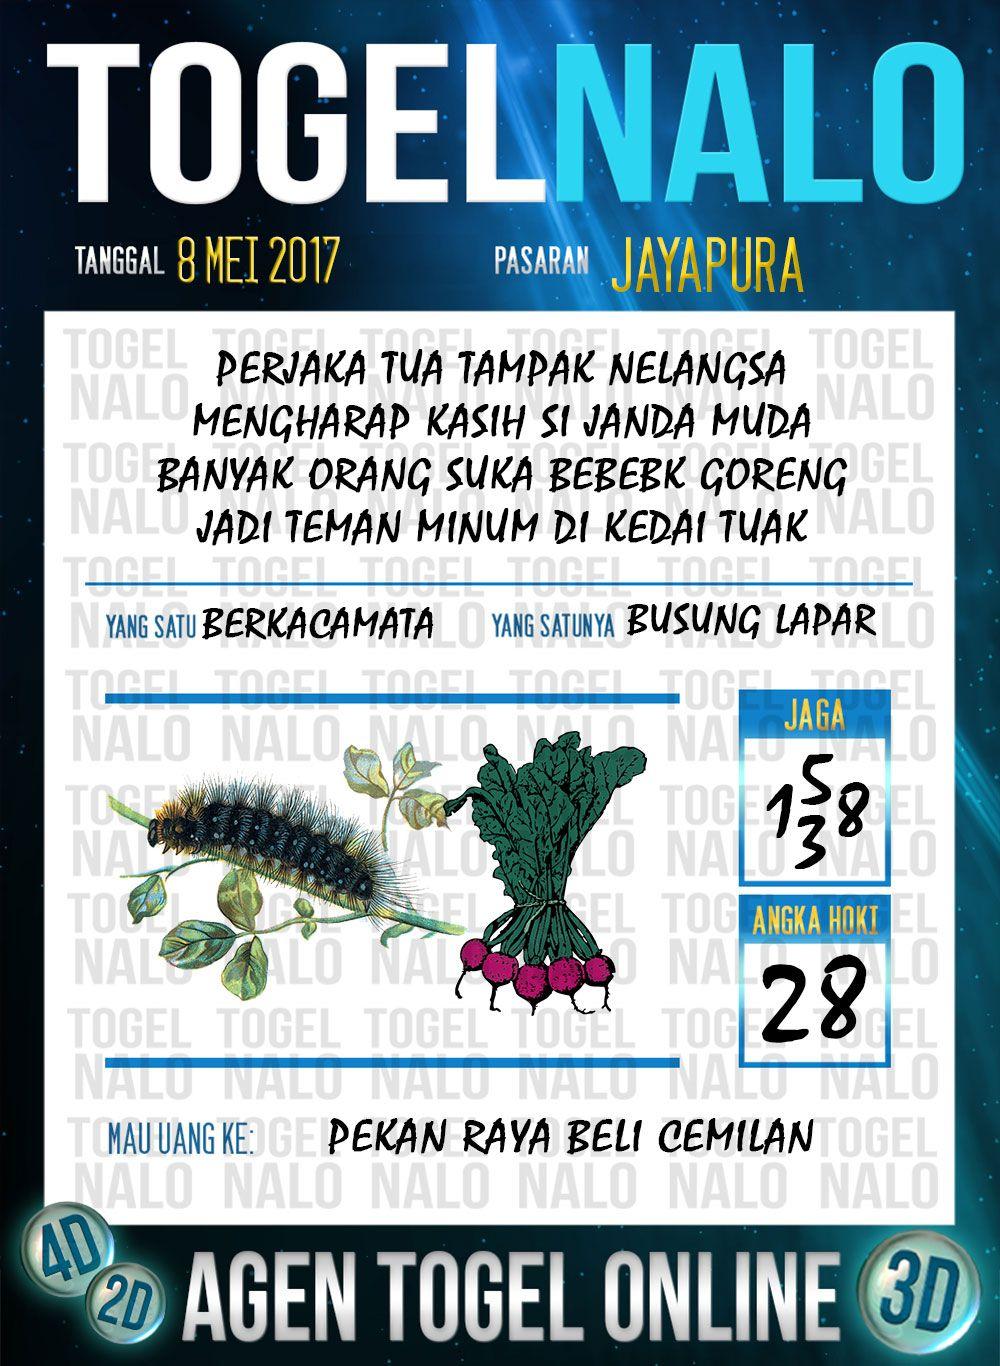 Taysen 5d Togel Wap Online Togelnalo Jayapura 8 Mei 2017 Dengan Gambar Tanggal